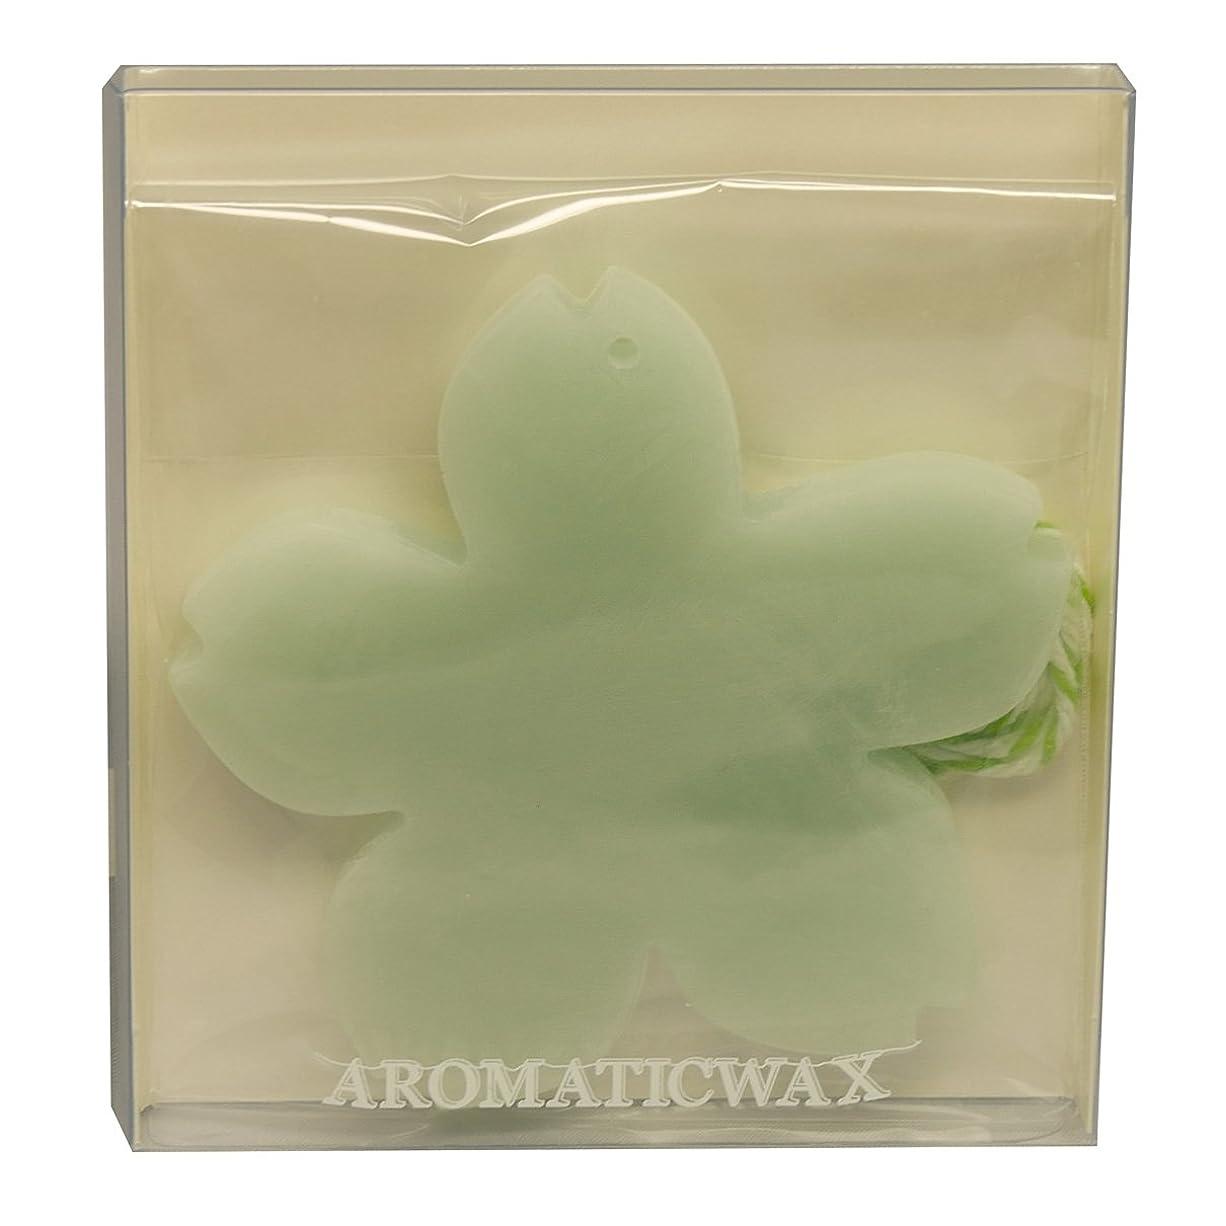 宿教養がある大学院GRASSE TOKYO AROMATICWAXチャーム「さくら」(GR) レモングラス アロマティックワックス グラーストウキョウ